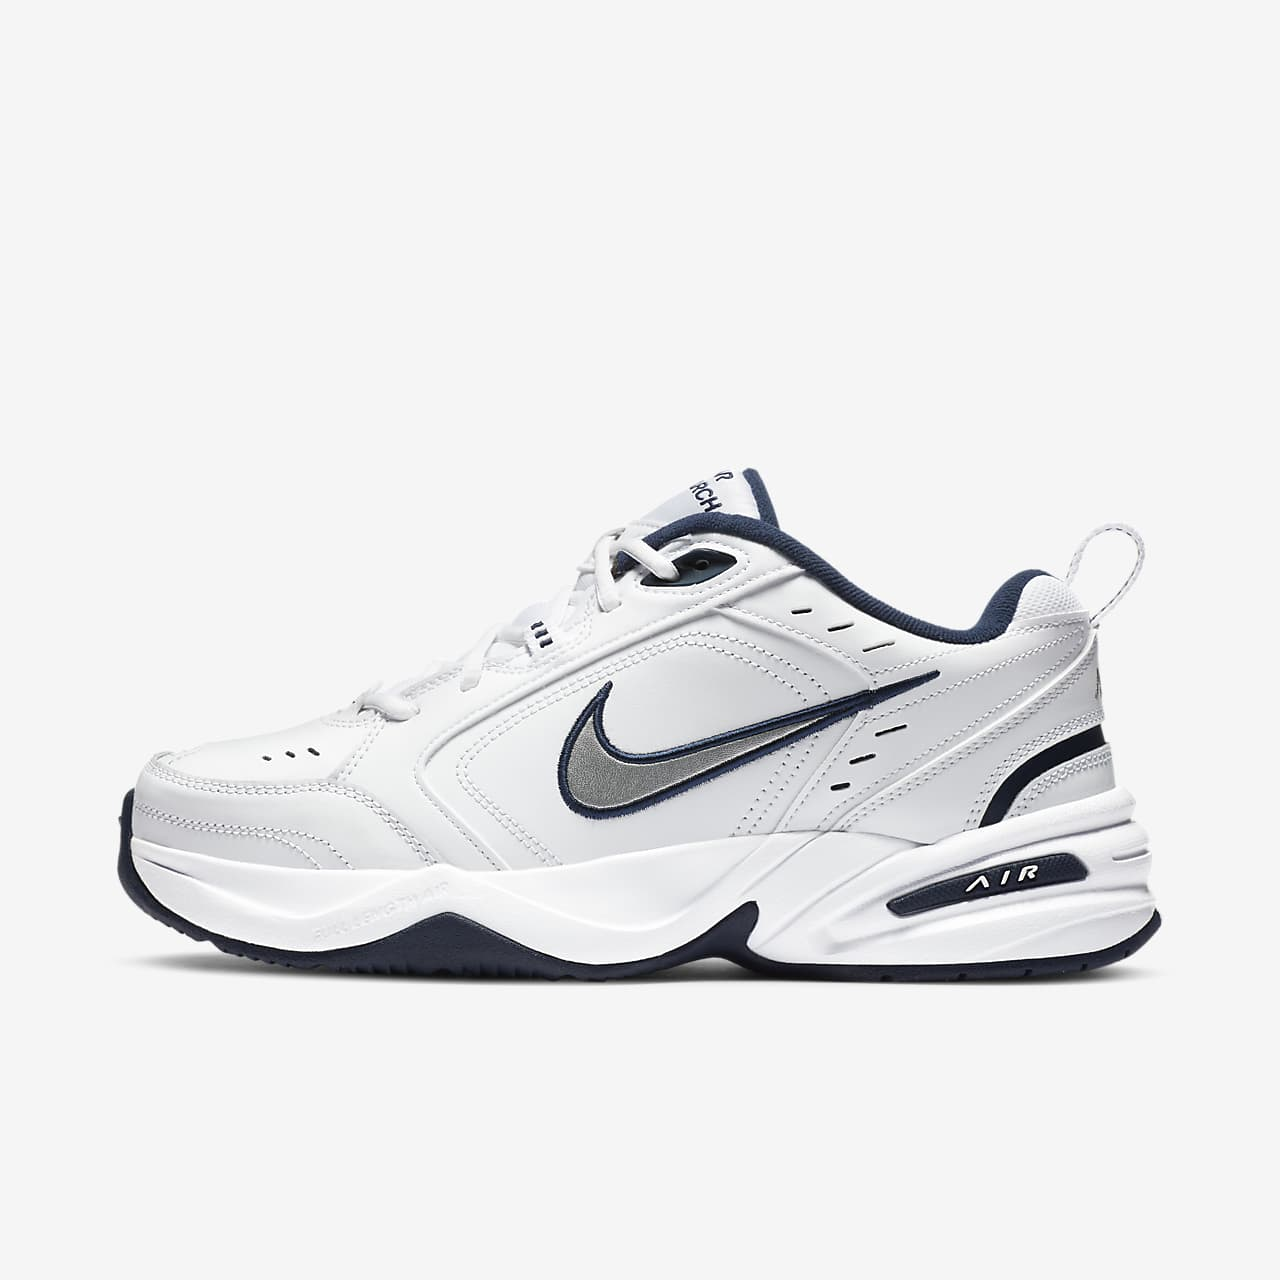 f4084ece1a368 Nike Air Monarch IV Zapatillas de lifestyle y para el gimnasio. Nike ...